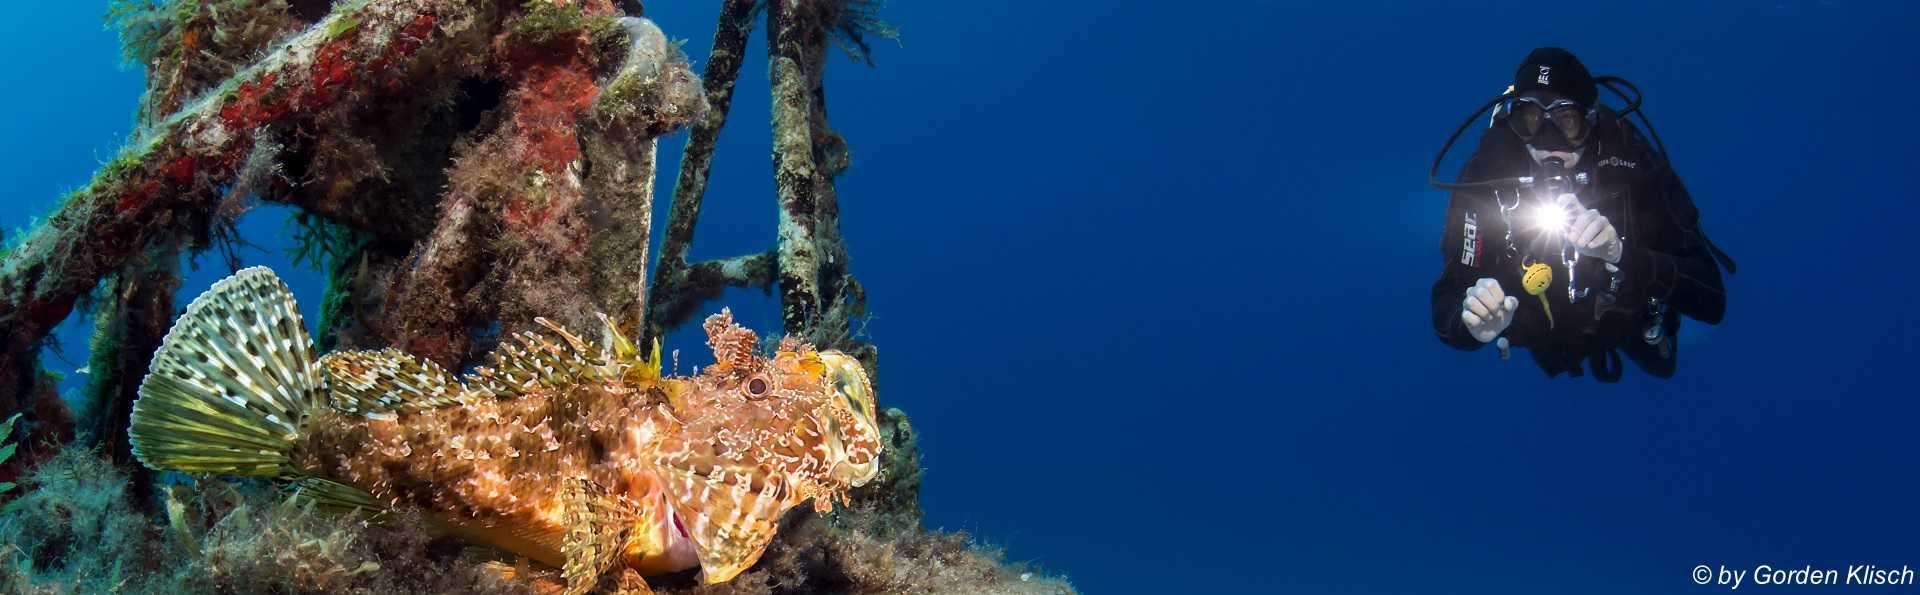 Scorpionfish Gorden Klisch Dive Vision Malta